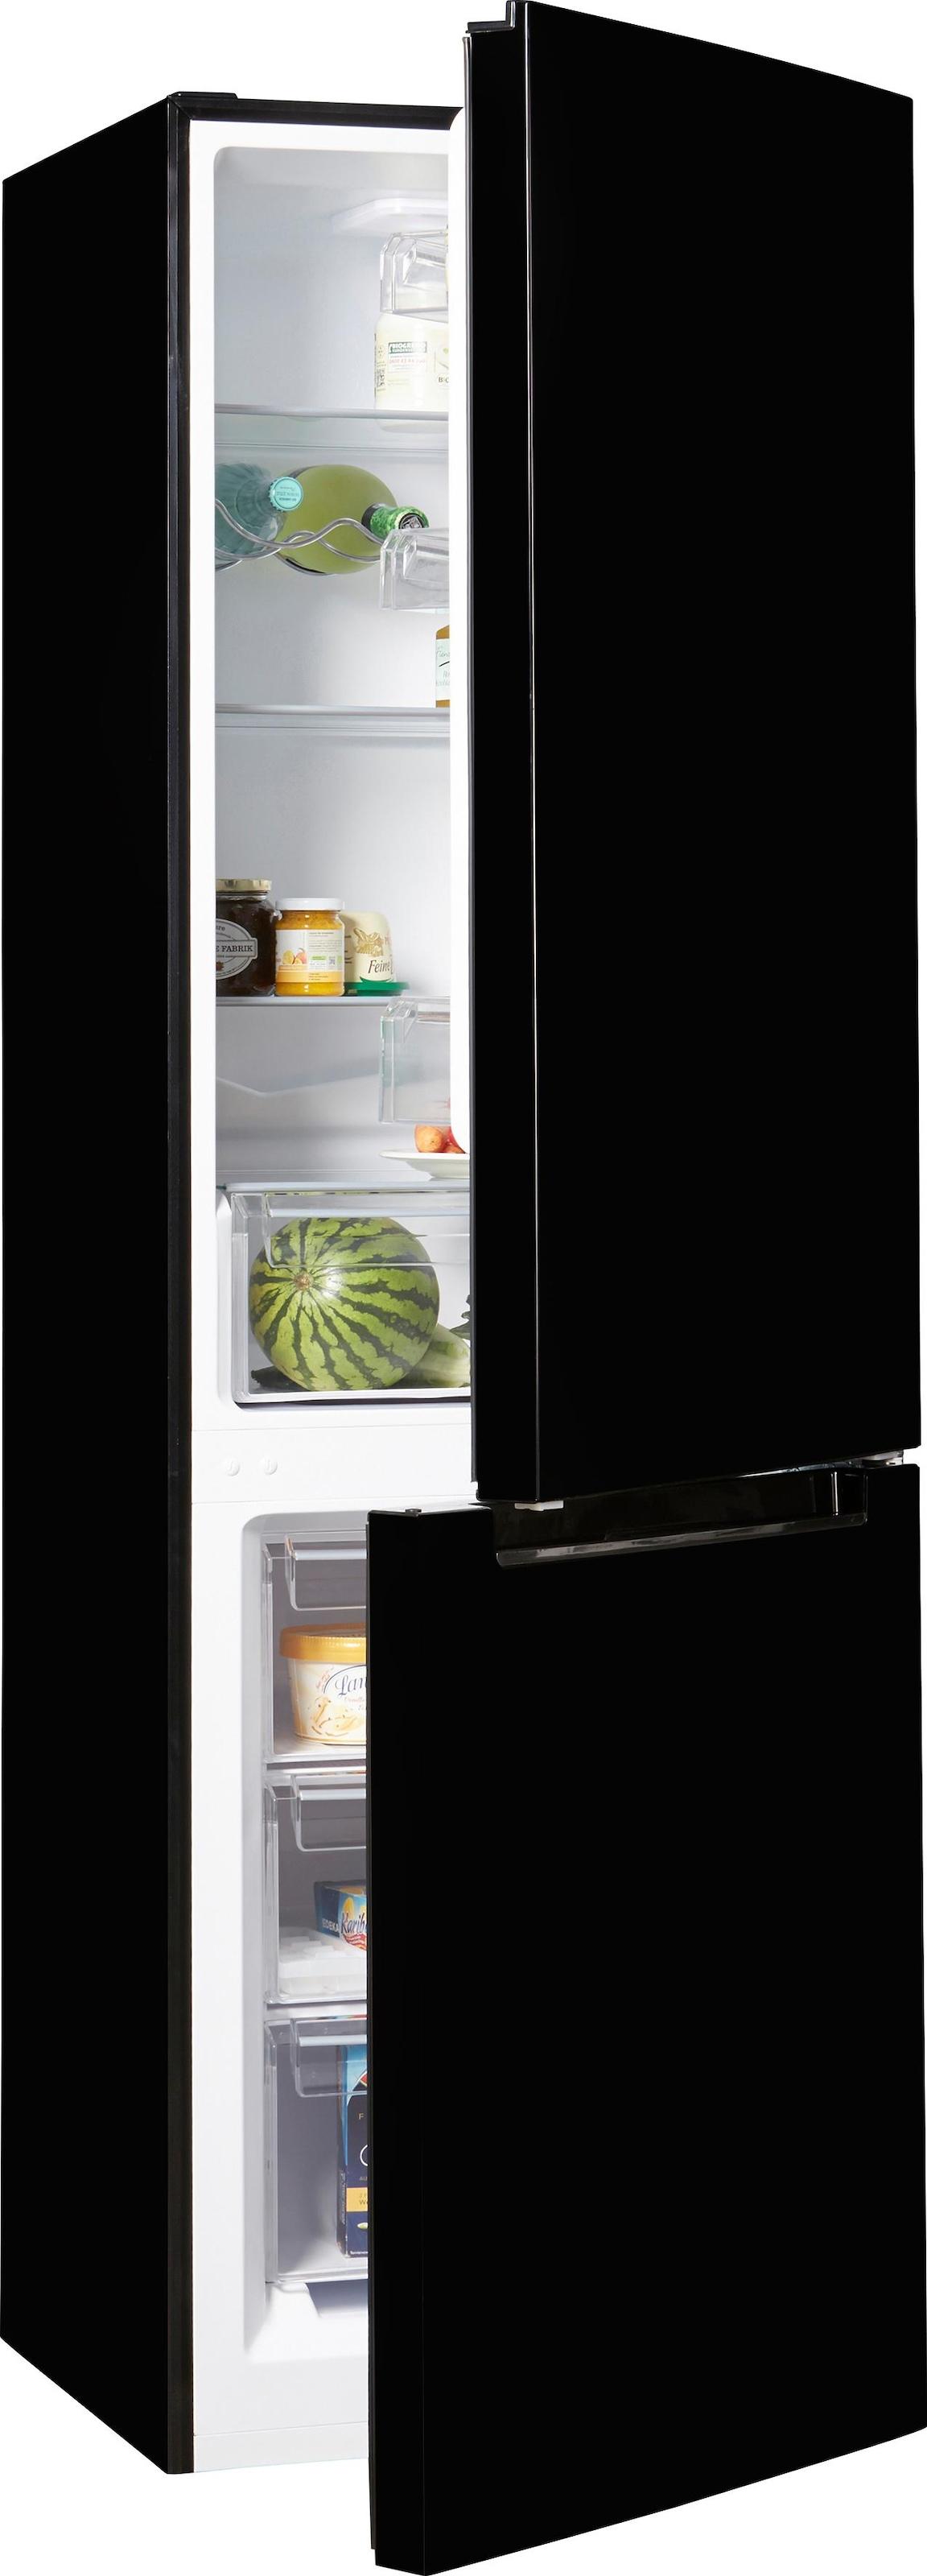 Kühlschrank Gefrierkombination : Kühl gefrierkombination wolkenstein gk rt b schwarz bei